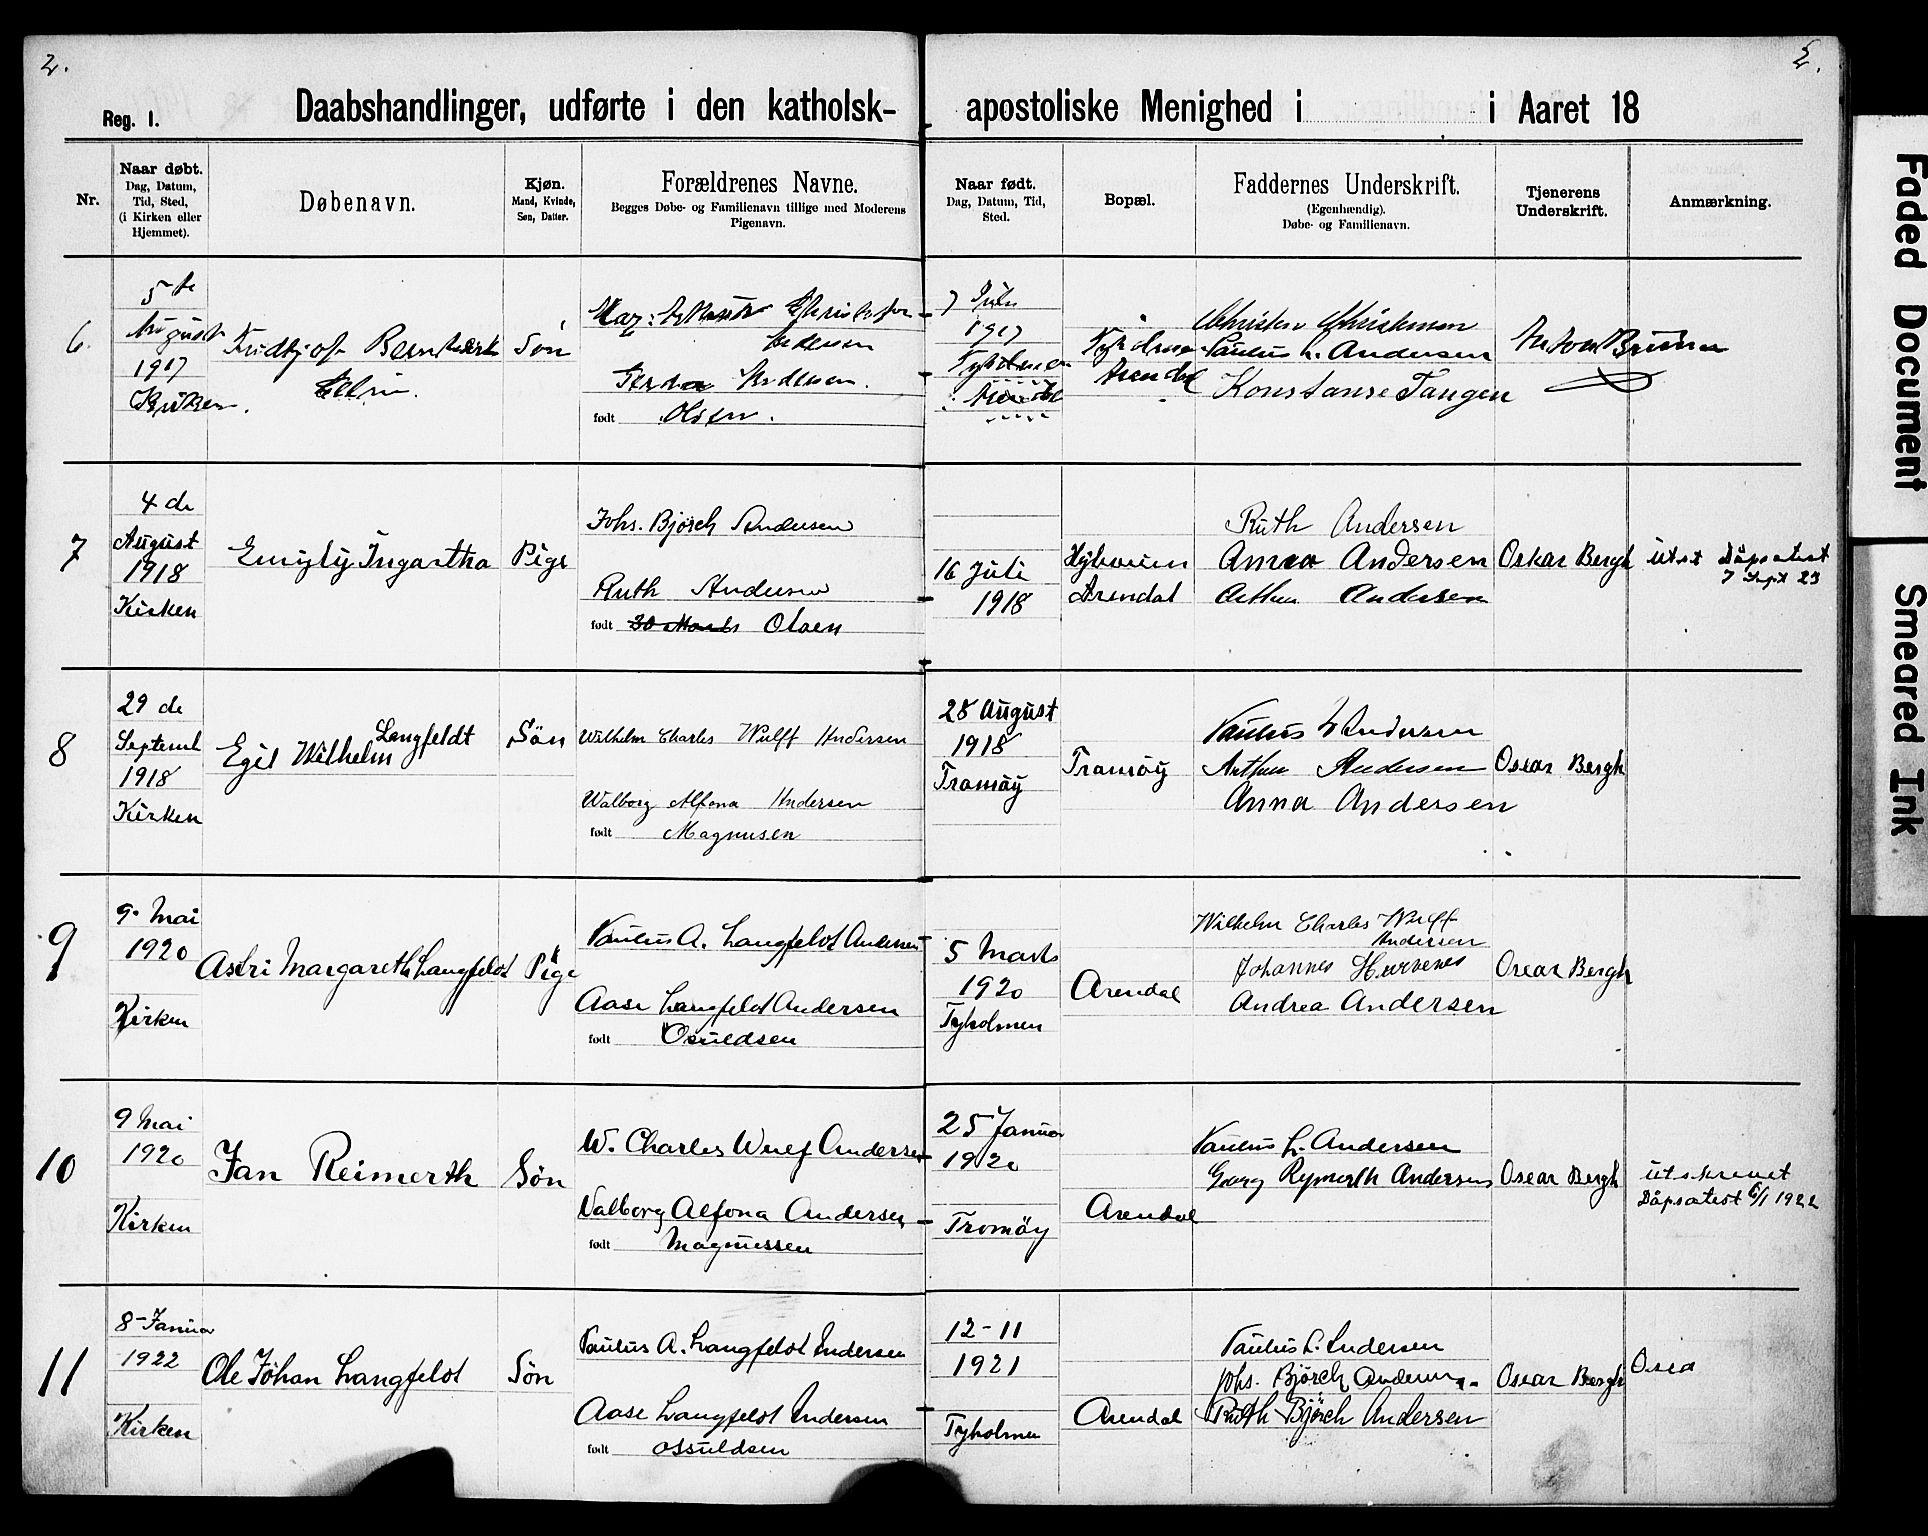 SAK, Den katolsk-apostoliske menighet, Arendal, F/Fa/L0001: Dissenterprotokoll nr. F 8, 1889-1928, s. 2